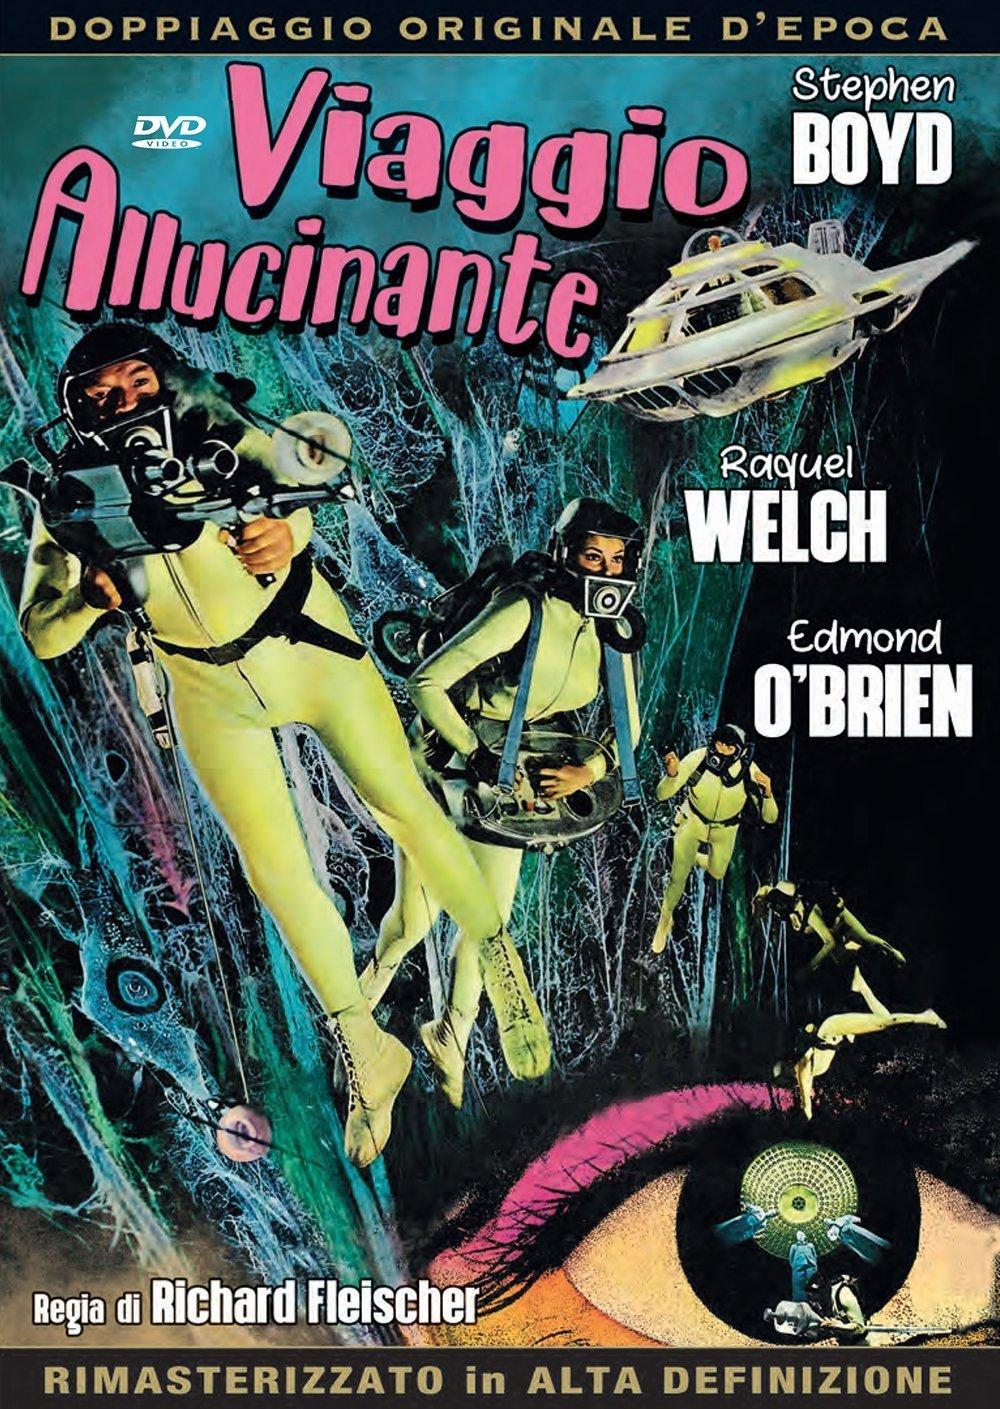 VIAGGIO ALLUCINANTE (DVD)